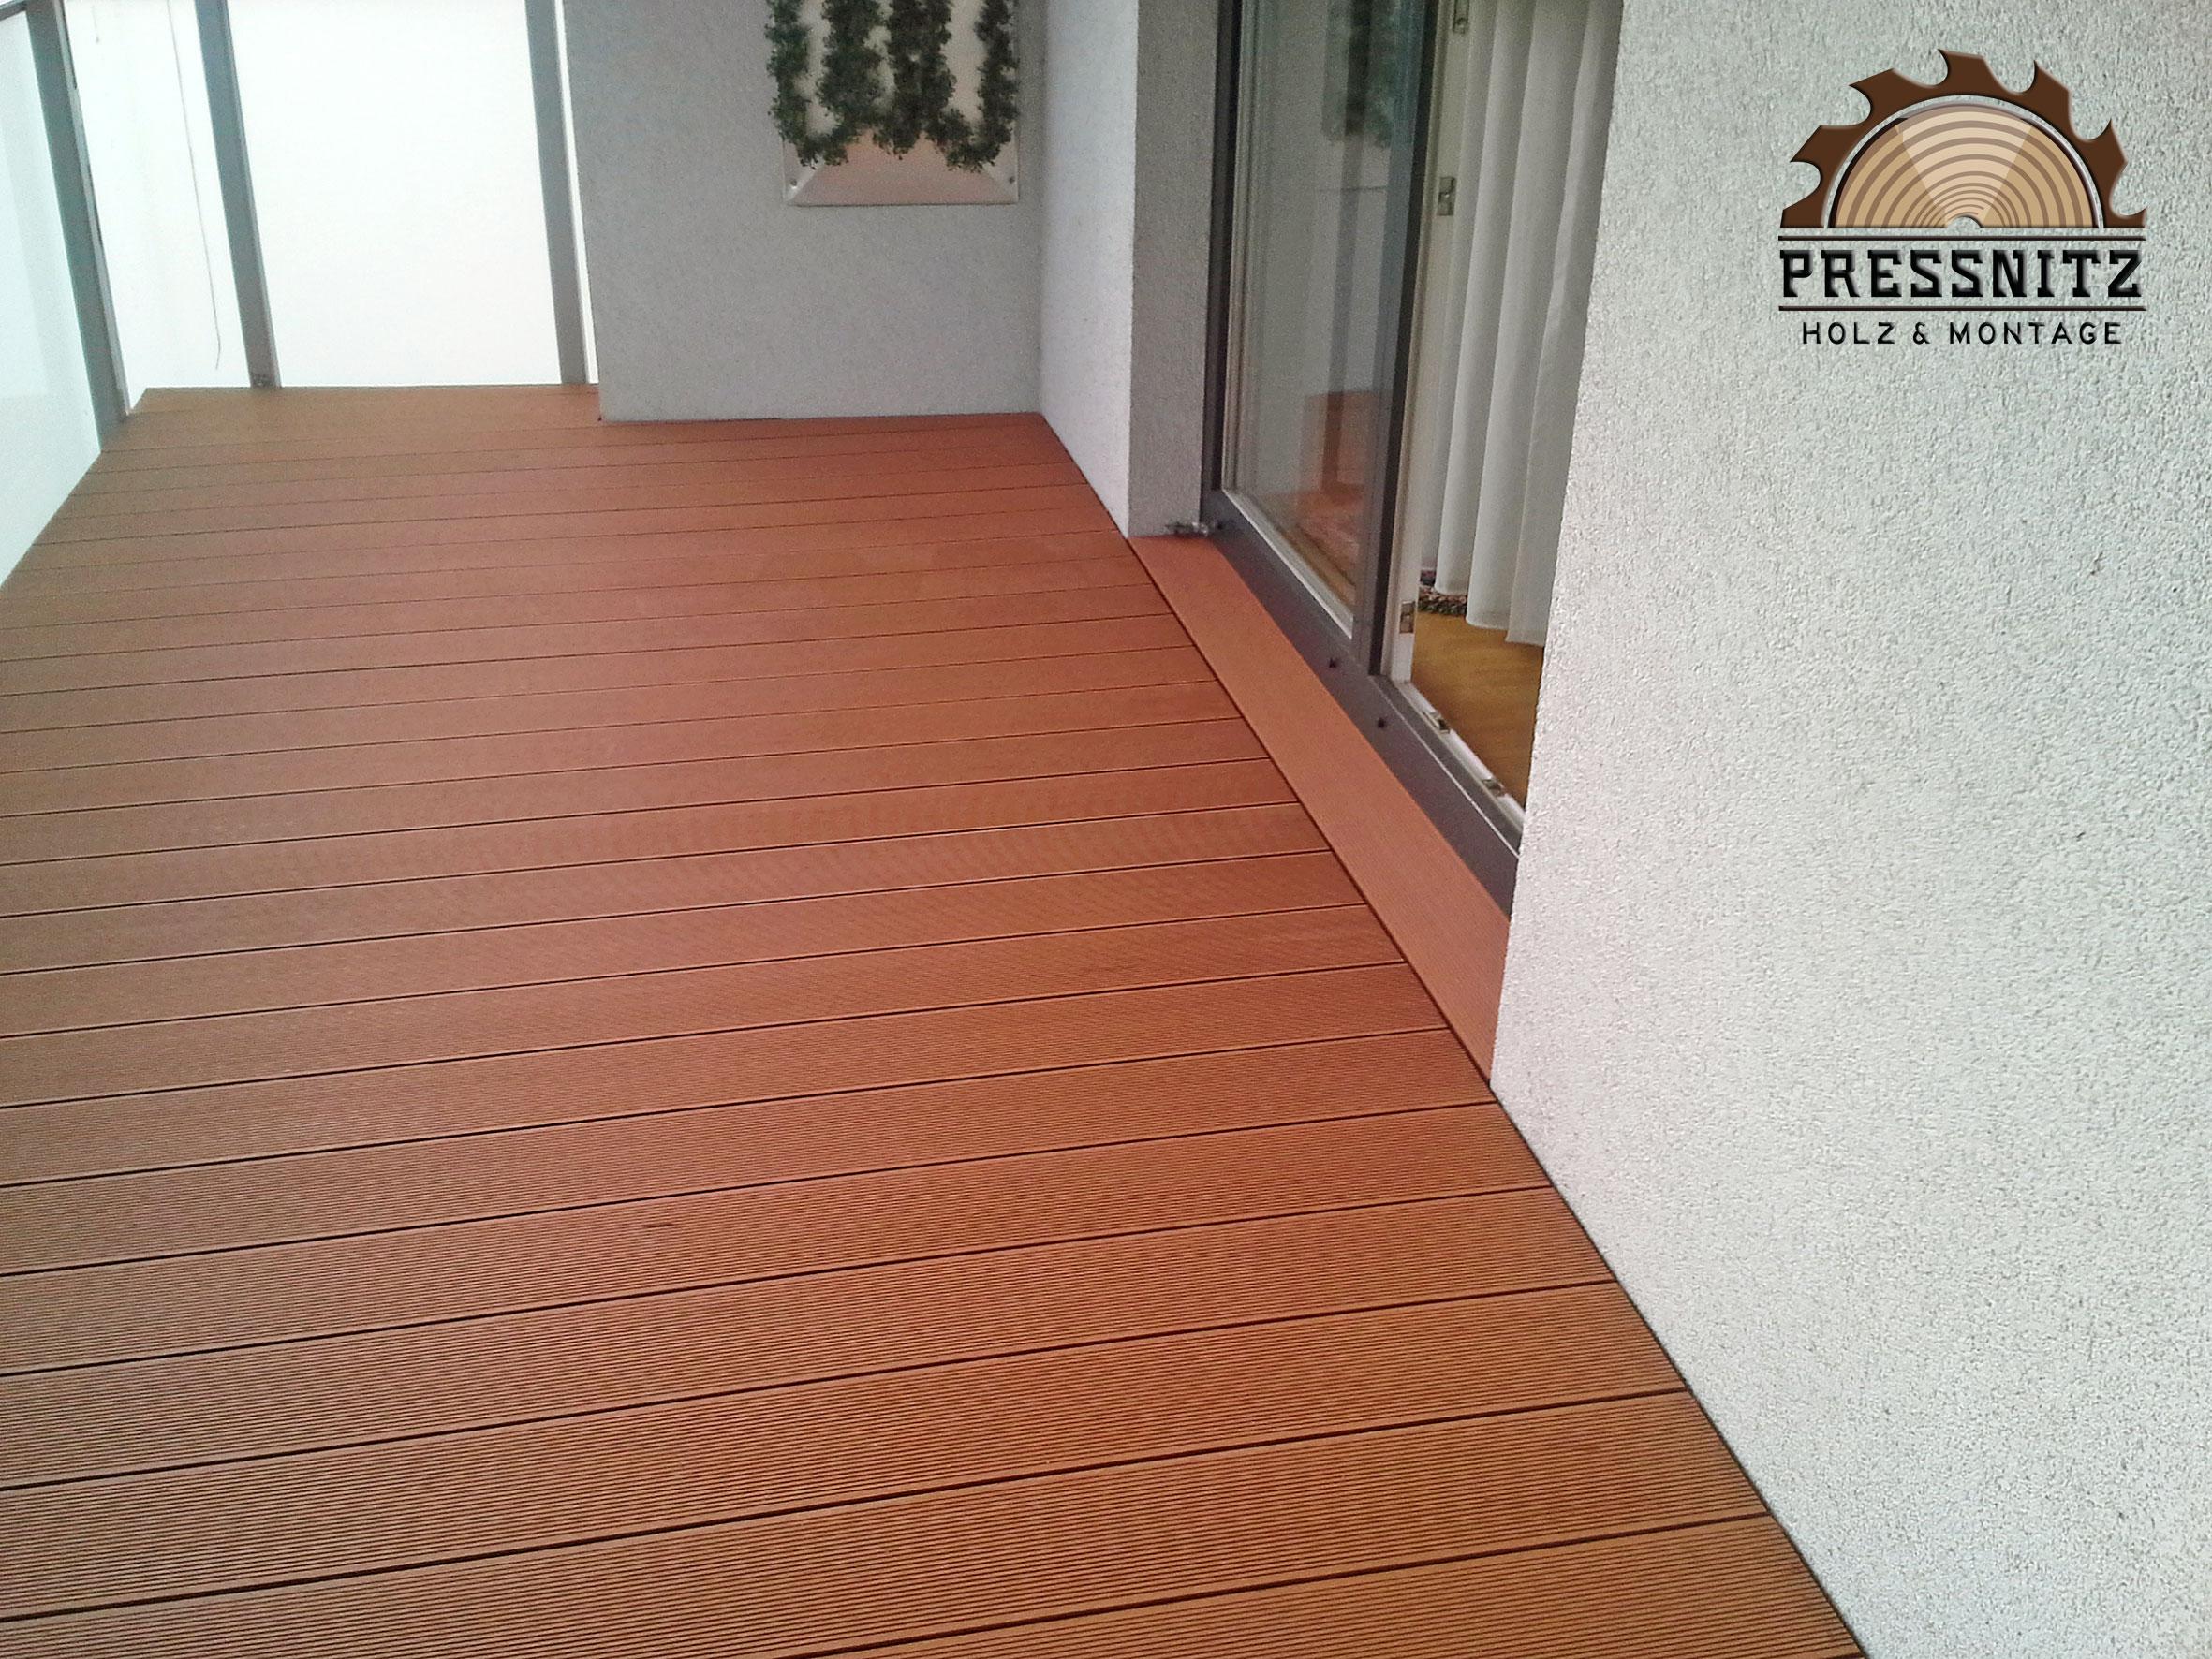 Ansicht Deckfläche mit BPC Hohlkammerdiele von Osmo, Farbe Braun